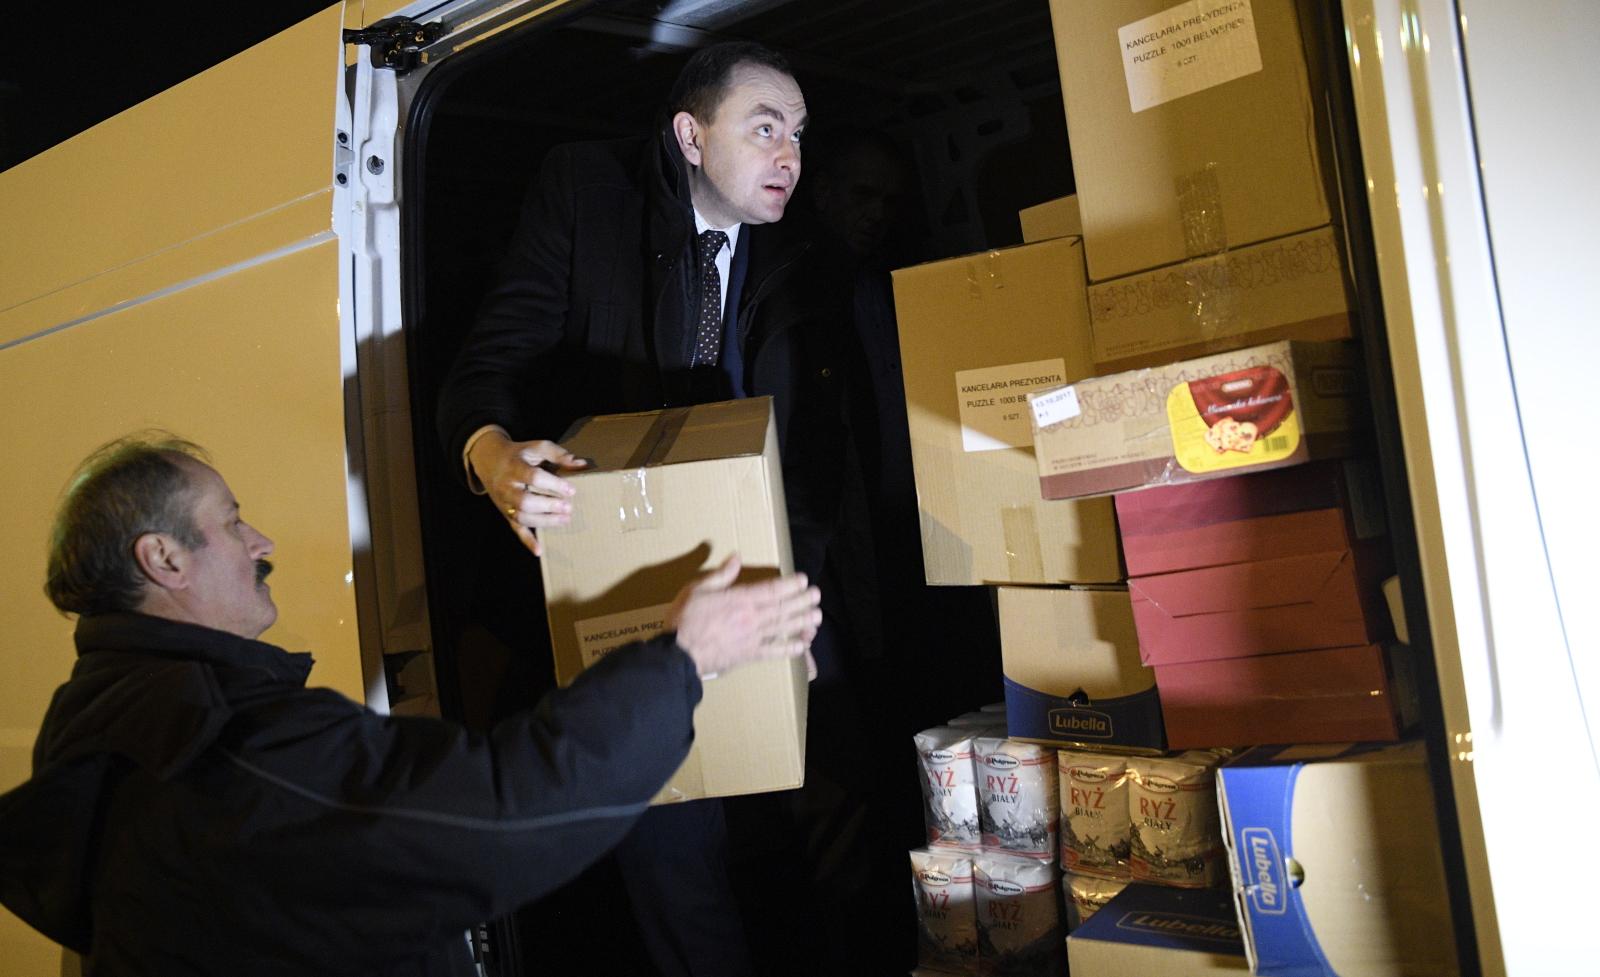 Szef gabinetu prezydenta Adam Kwiatkowski podczas akcji pakowania darów dla Polaków na Wschodzie. Fot. PAP/Jacek Turczyk